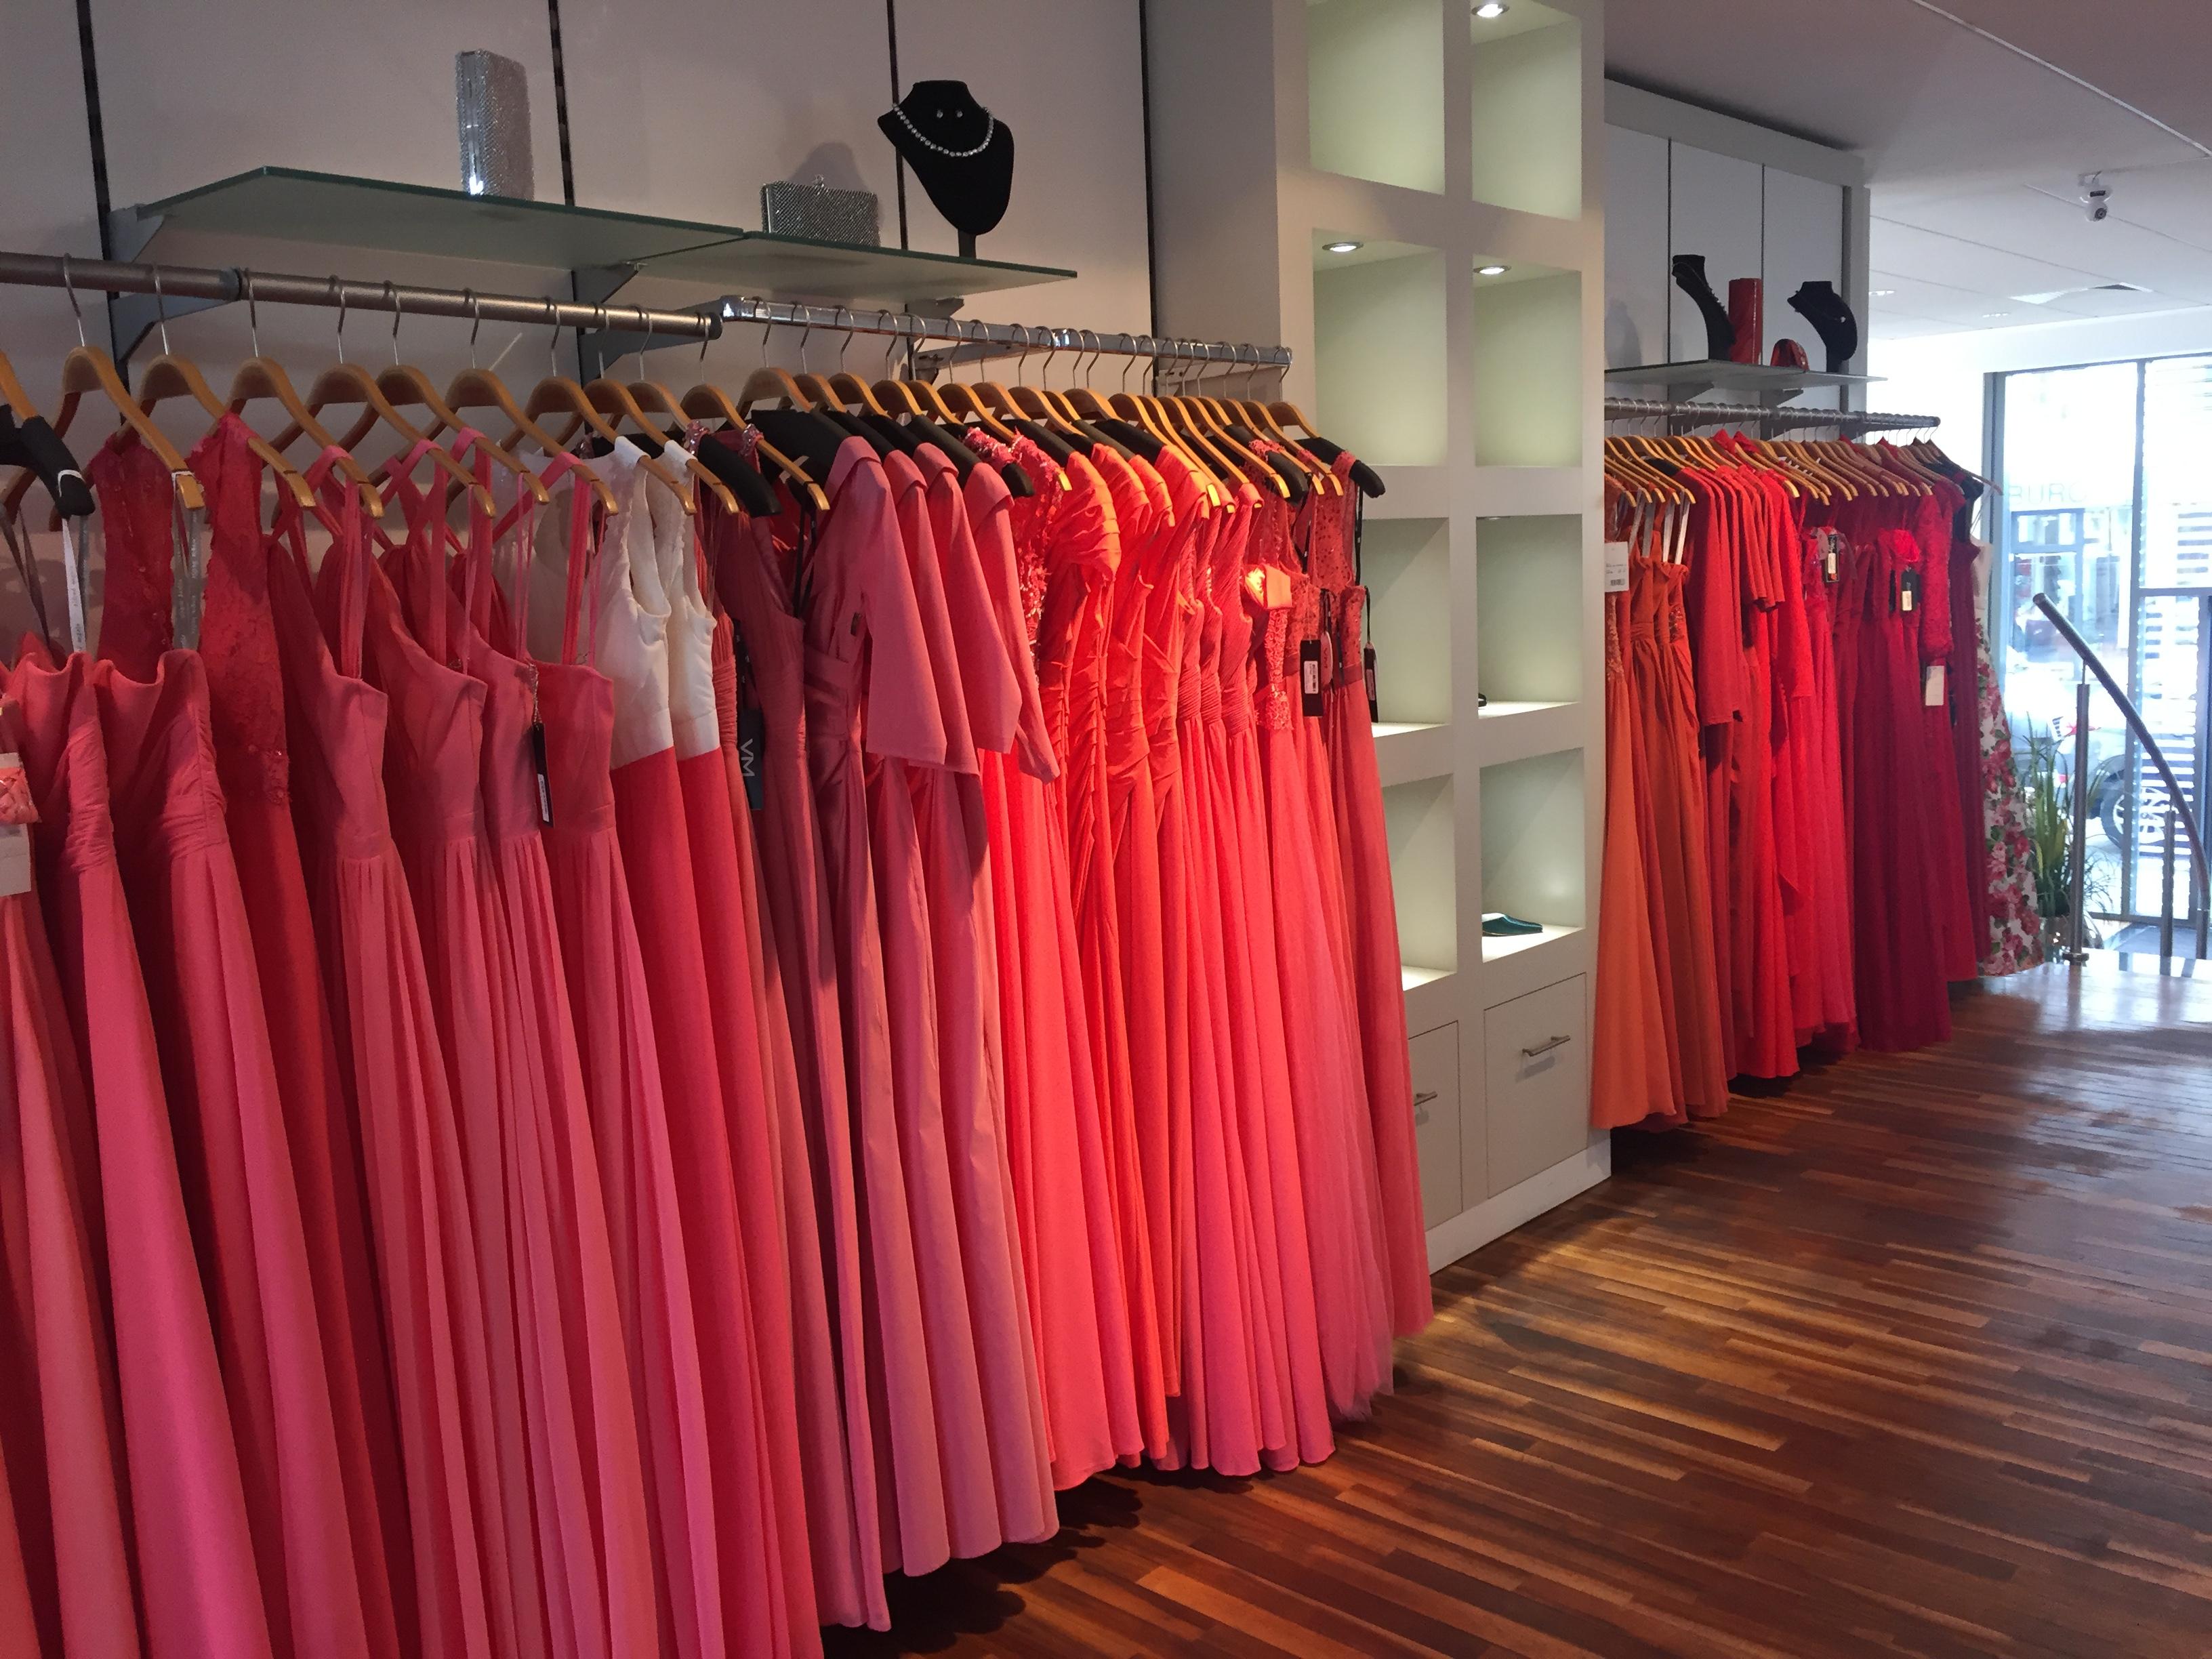 Lange Kleider in unterschiedlichen Rottönen hängen an einer Stange